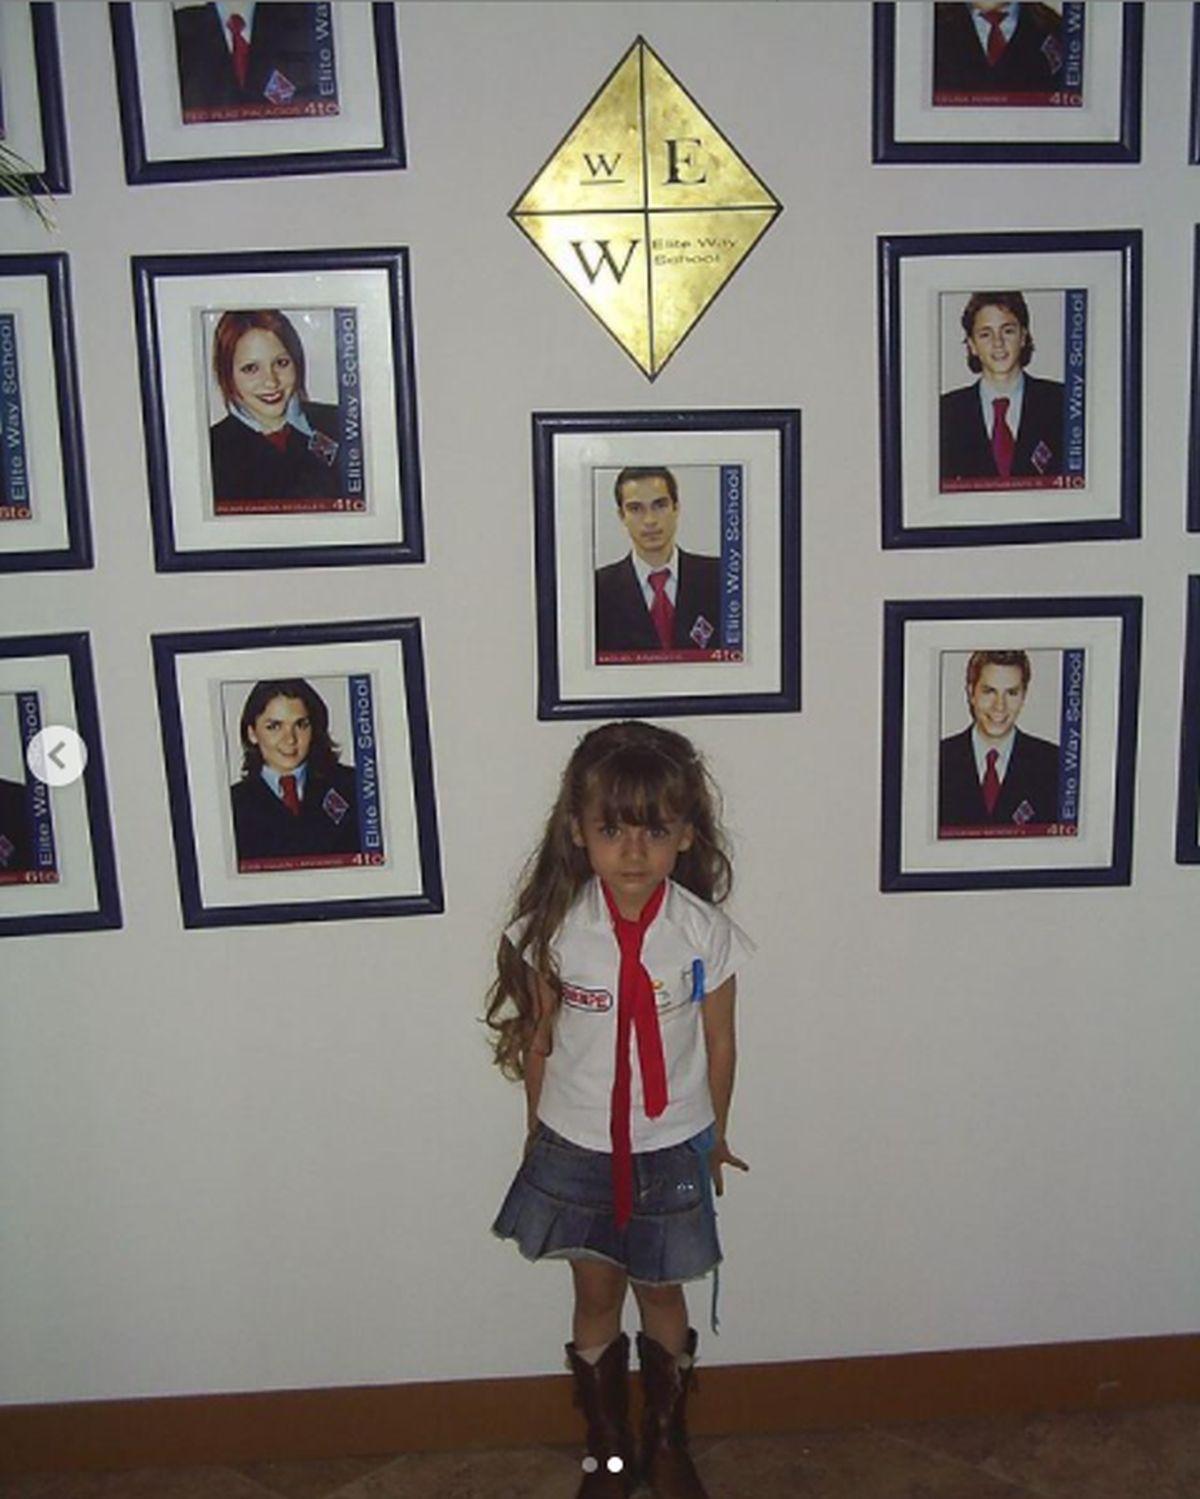 """Desde pequeña, la actriz era una fiel seguidora de """"Rebelde"""". Aquí posando con las fotos de los actores de la serie en el Elite Way School (Foto: Azul Guaita / Instagram)"""